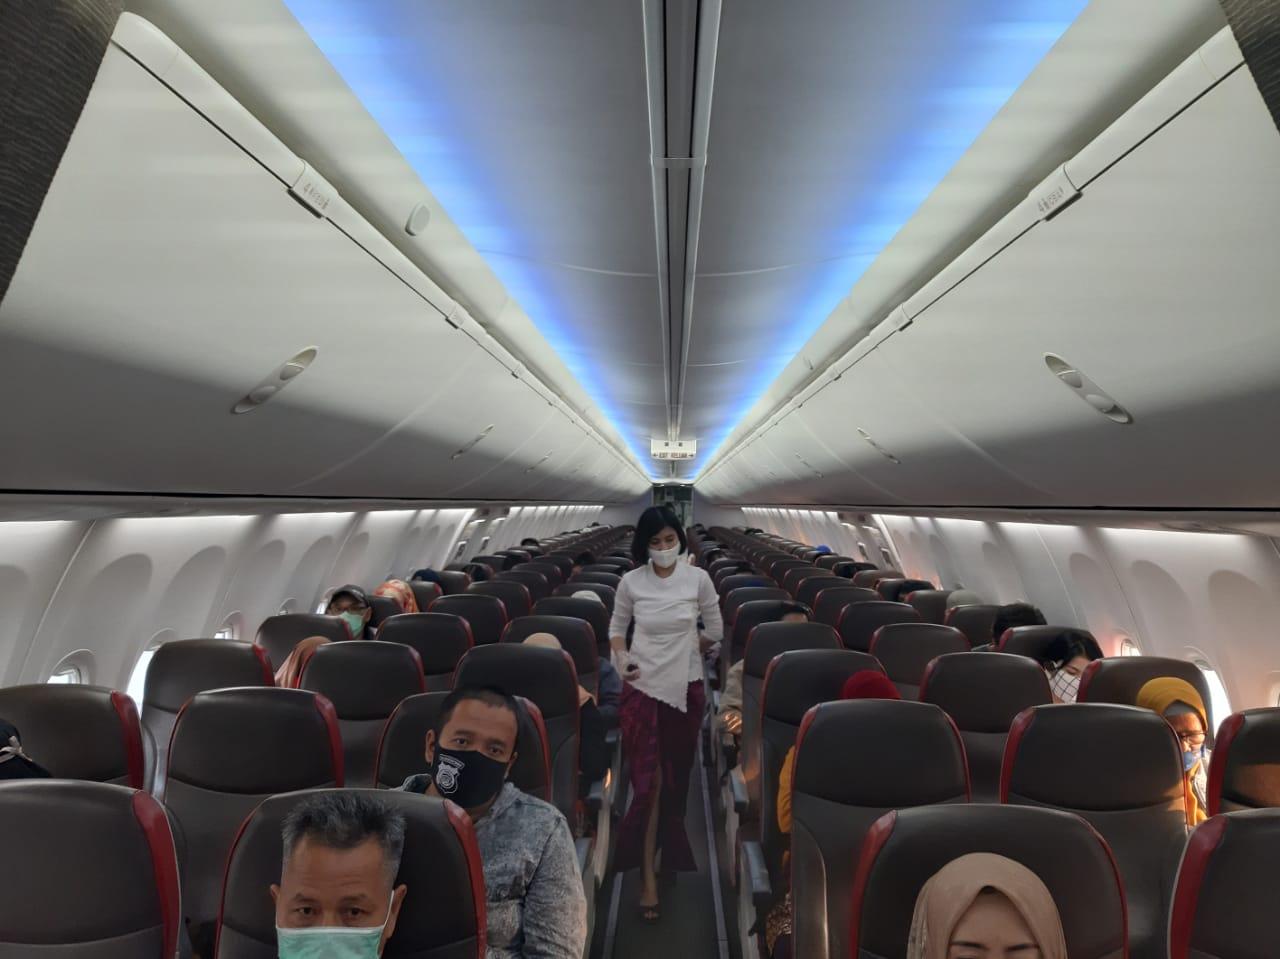 Informasi Penerbangan Persyaratan Wajib Penumpang Pada Perjalanan Udara Lion Air Group